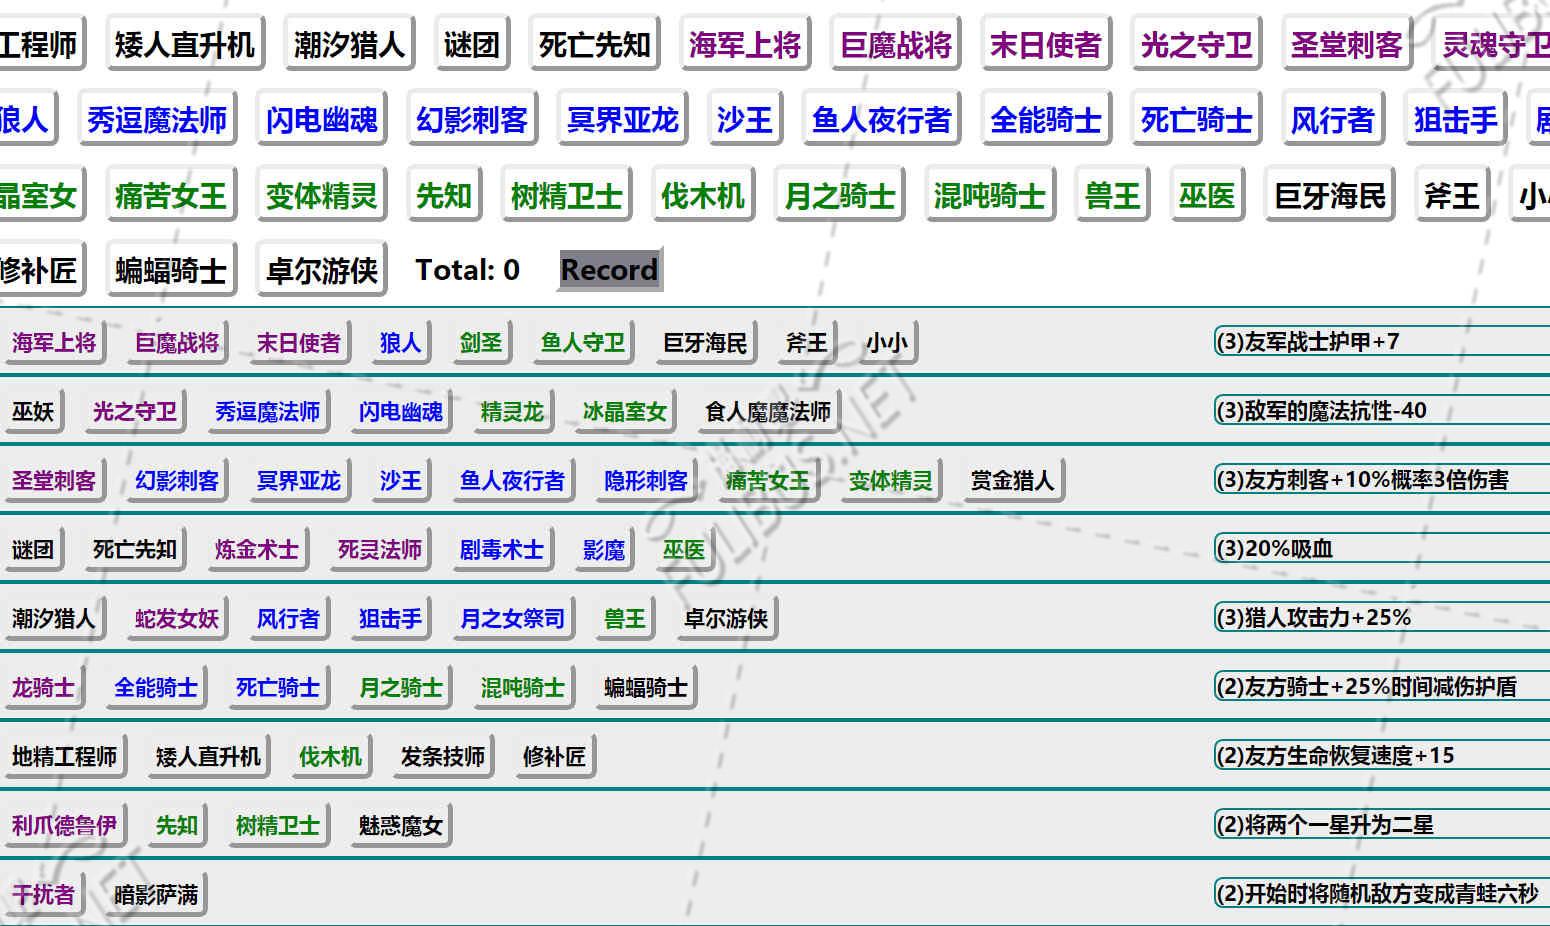 趣味网站第13期 在线抠图/美剧评级/西格玛暗黑/百度文库助手  文章推荐  图4